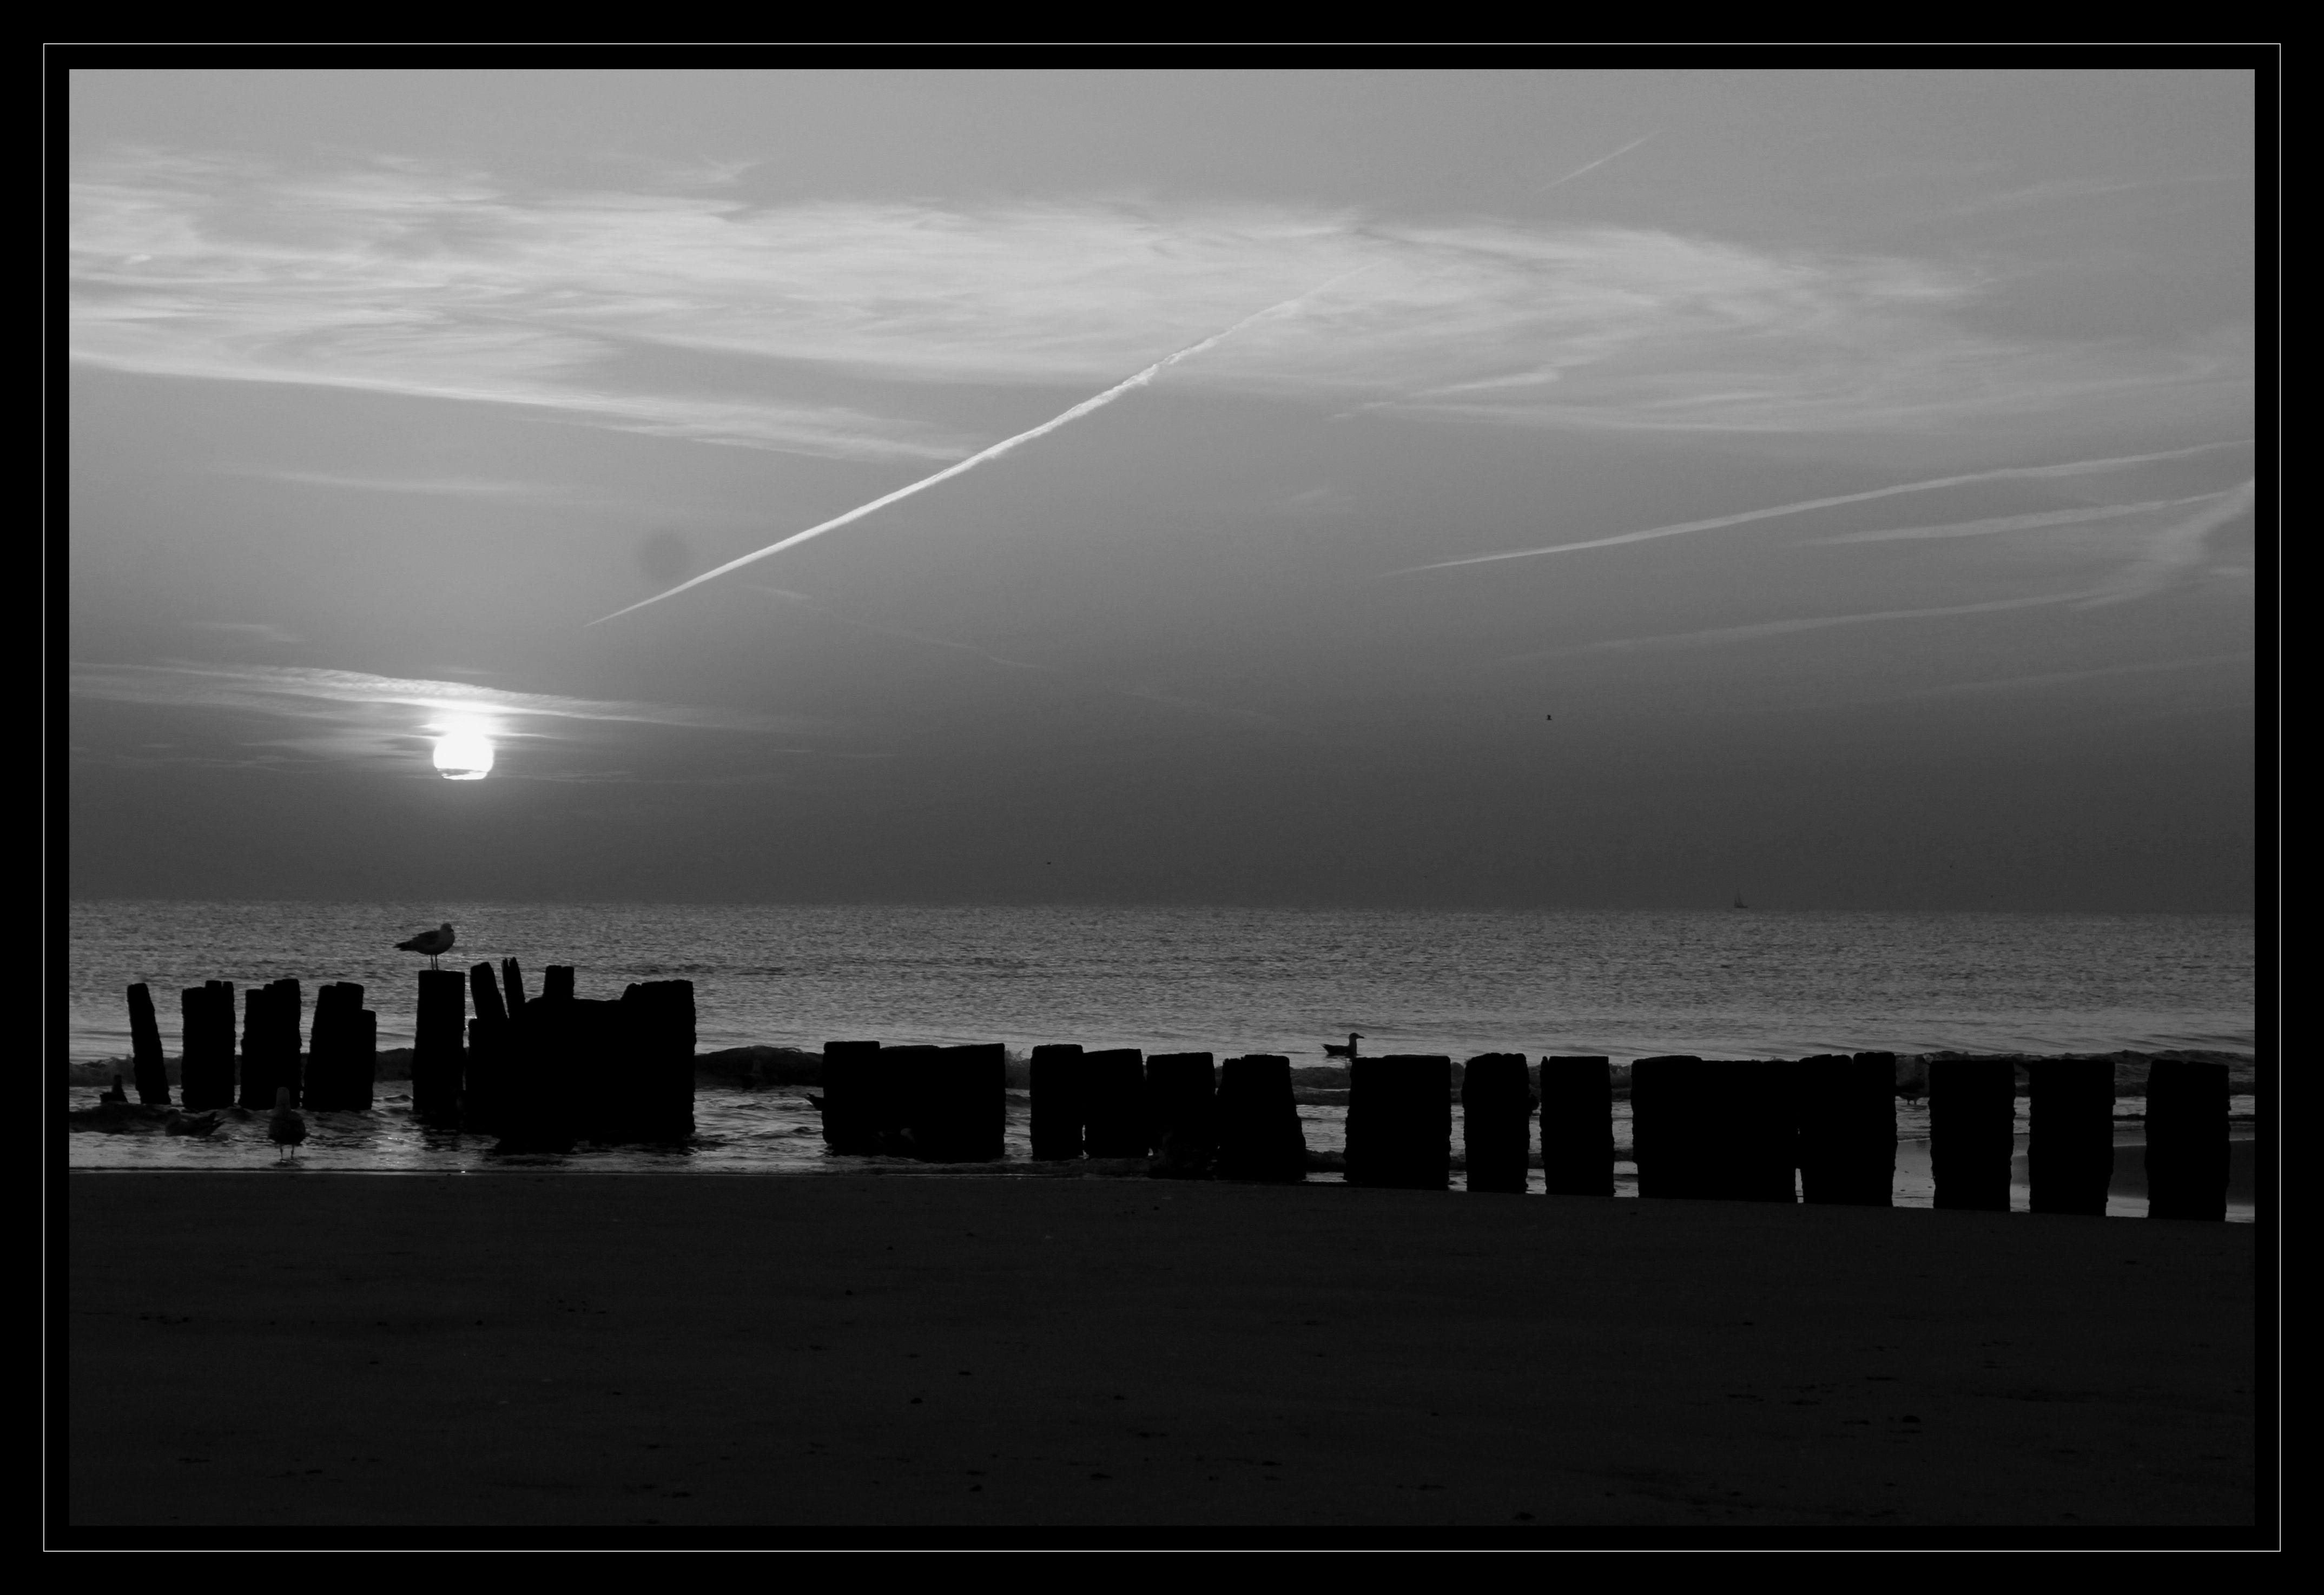 Hargen aan Zee at sunset.  #hargenaanzee #hargen #schoorl #atsea #aanzee #zonsondergang #sunset